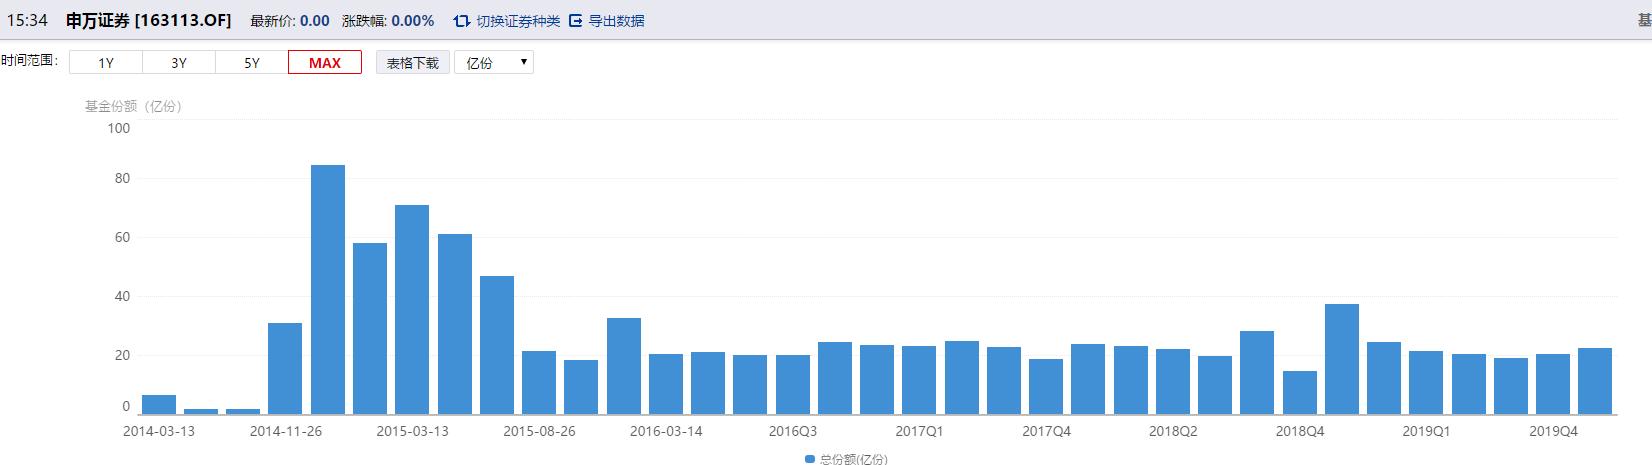 申万菱信基金净利润较顶峰时期下降近九成 新总经理能扭转公司经营颓势?